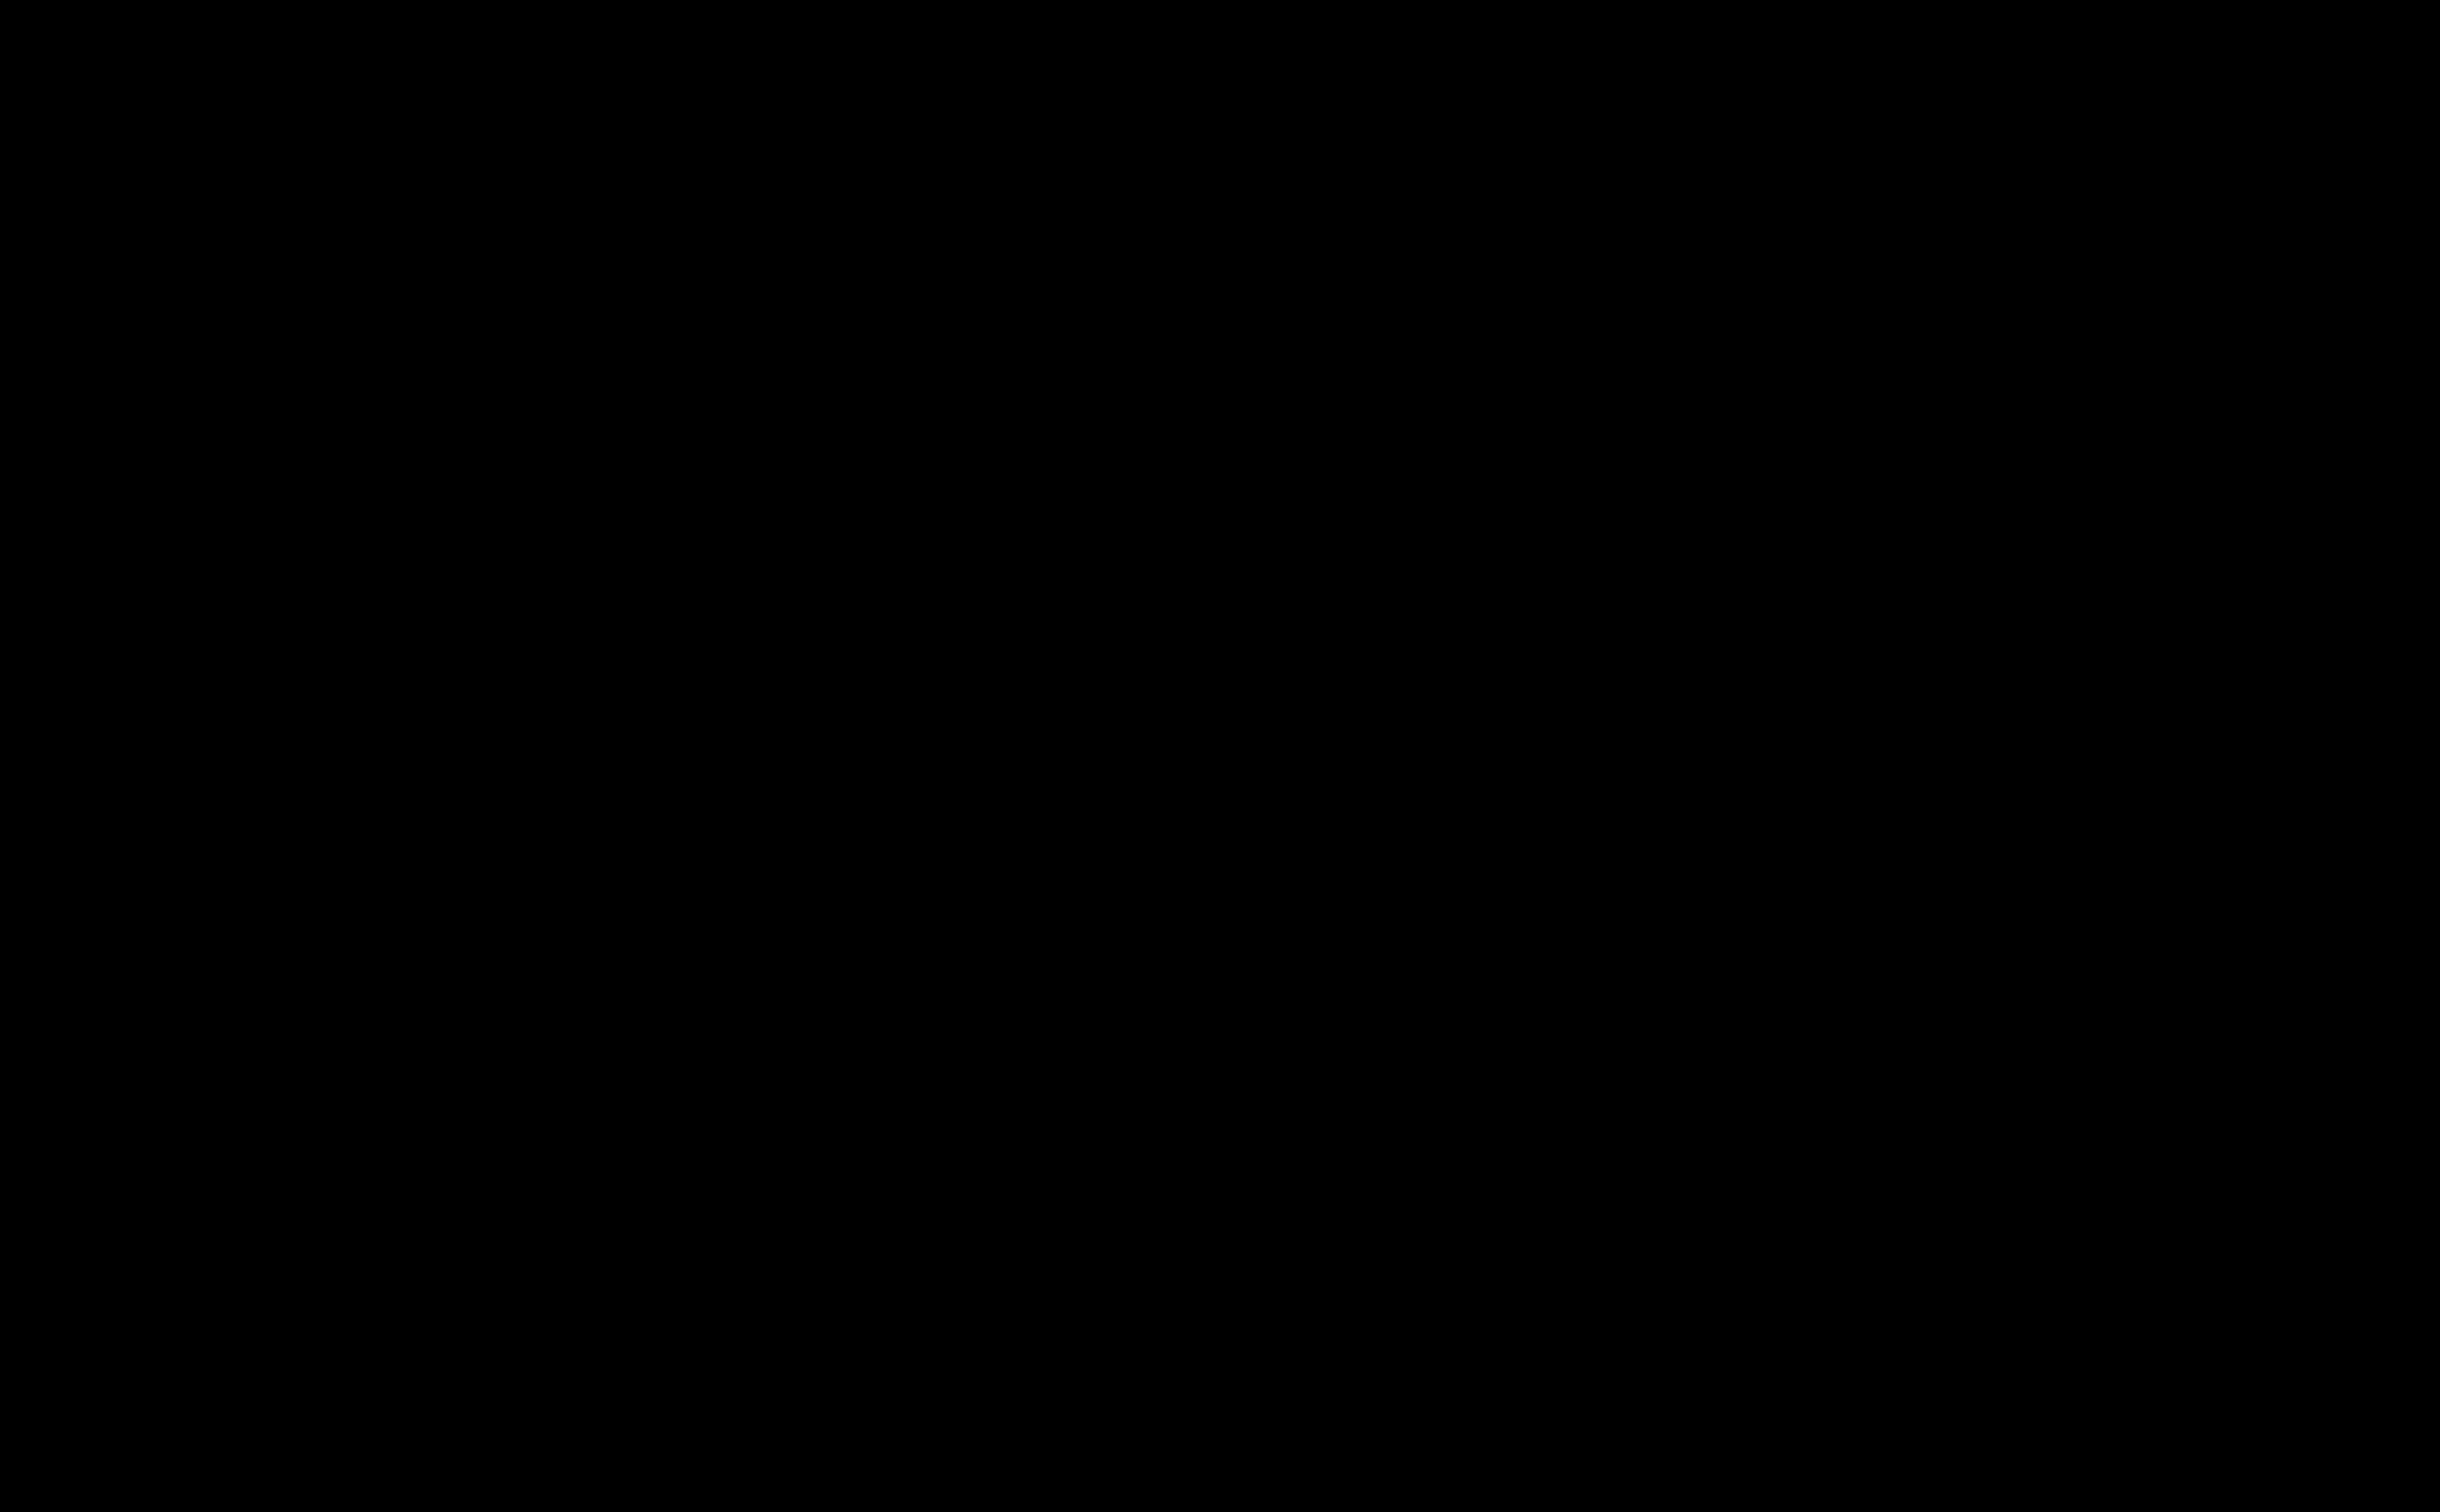 Logotipo Doux Souvenir